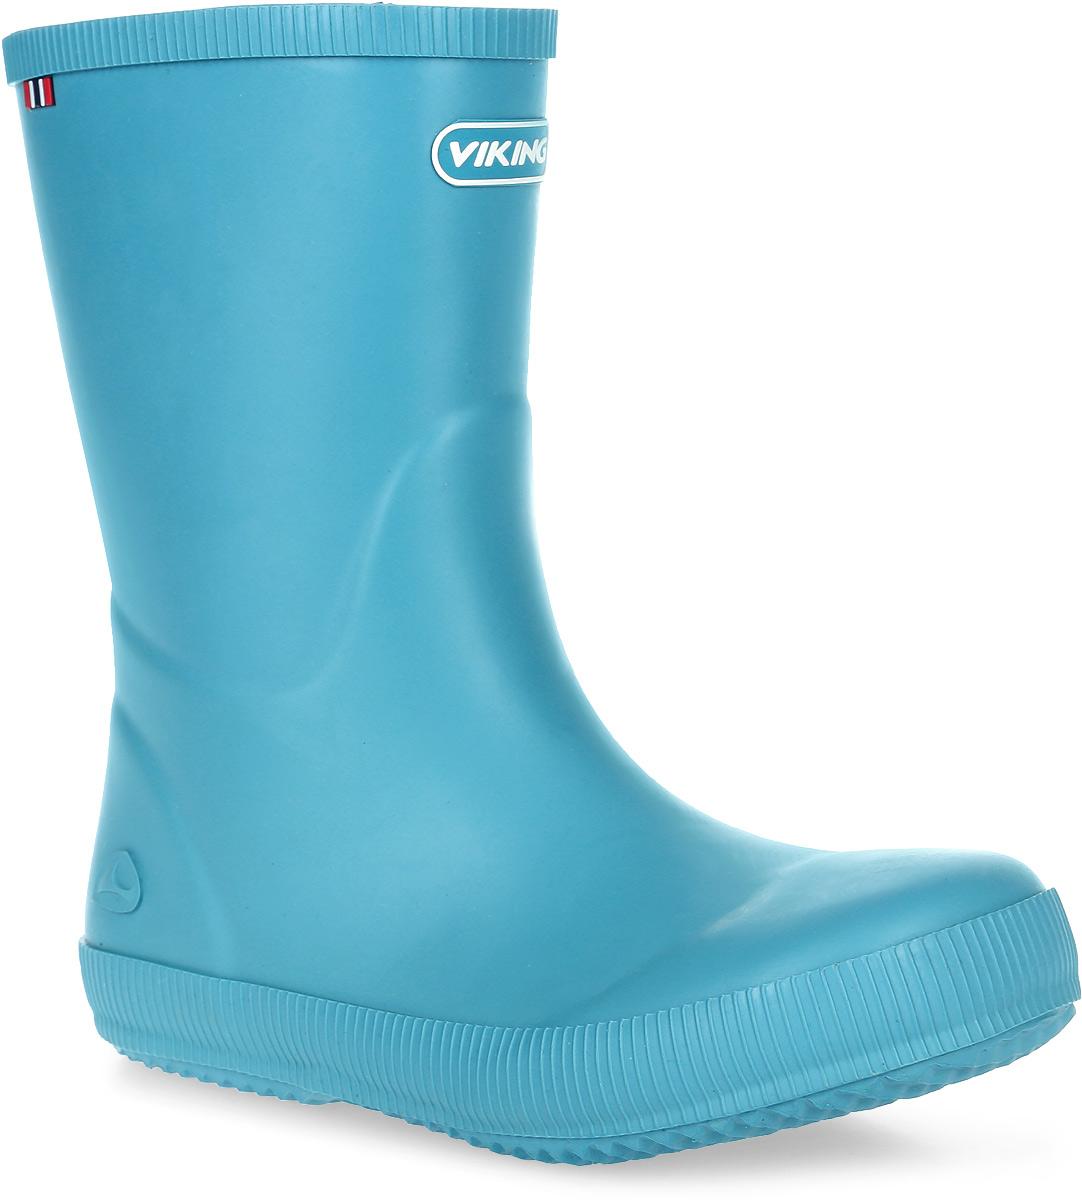 Сапоги резиновые для мальчика Viking Classic Indie, цвет: голубой. 1-13200-00022. Размер 331-13200-00022Модные резиновые сапоги от Viking - идеальная обувь в дождливую погоду для вашего мальчика. Модель лаконичного дизайна оформлена эмблемой с названием бренда. Внутренняя поверхность и стелька, выполненные из синтетического материала со скрученными волокнами, способствующими поддержанию тепла, комфортны при ходьбе. Подошва с протектором гарантирует отличное сцепление с любой поверхностью. Резиновые сапоги - необходимая вещь в гардеробе каждого мальчика.